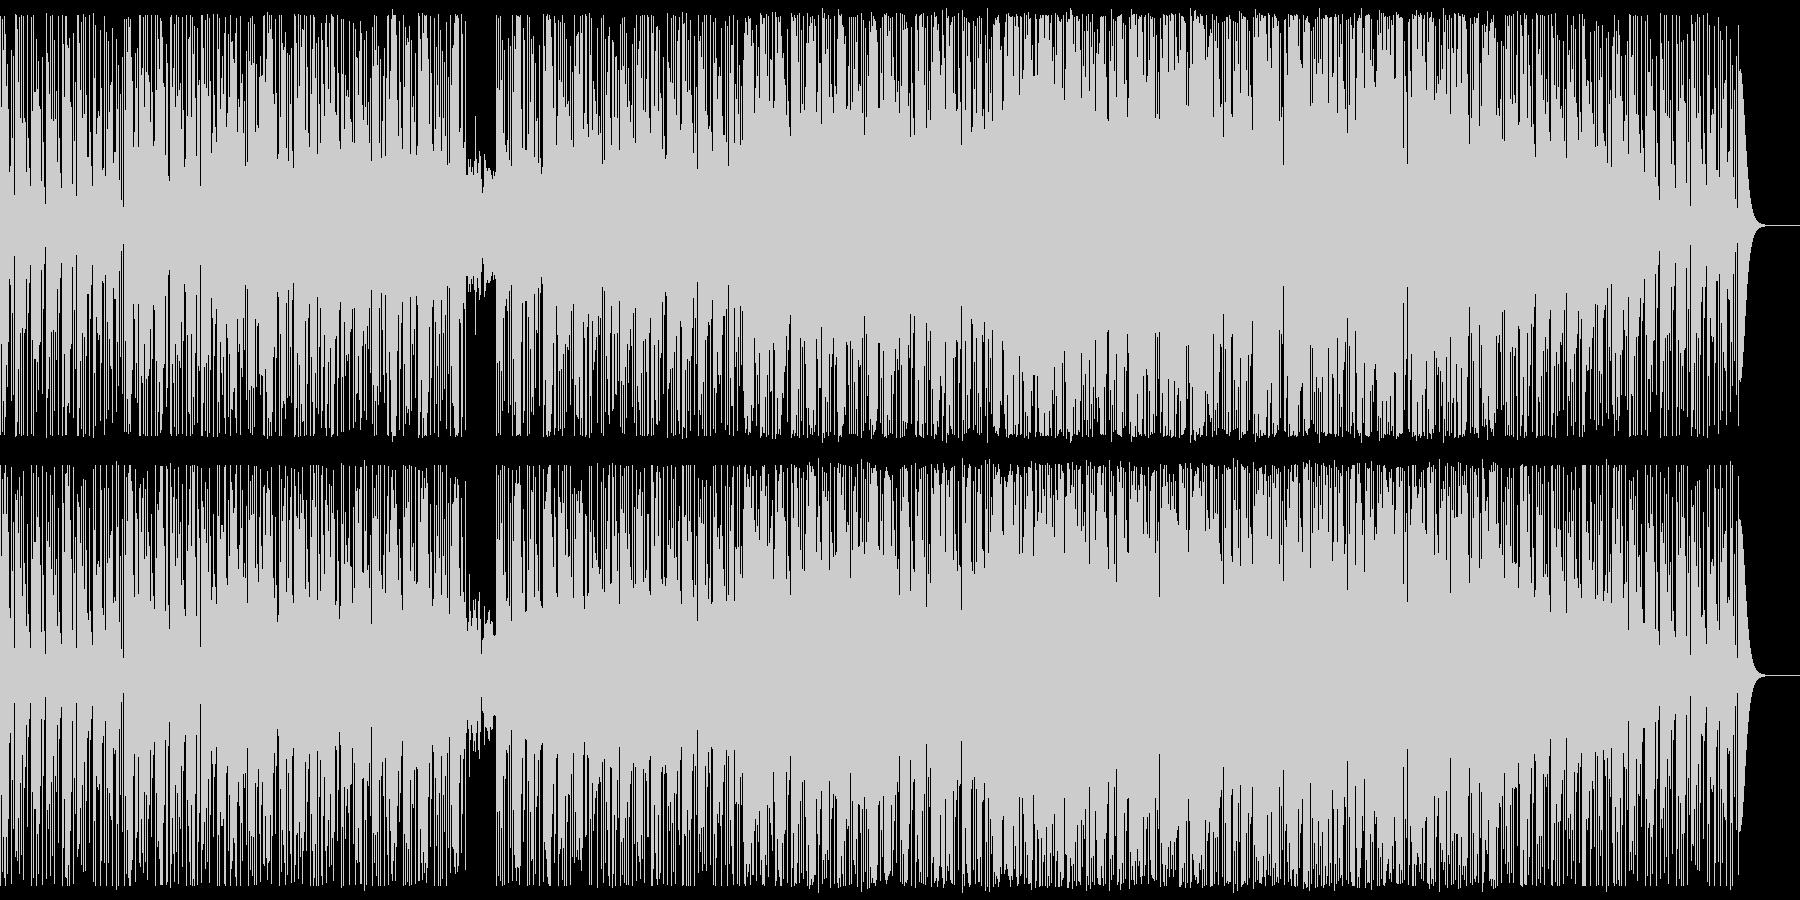 ジングル用に最適化されたエレクトロ曲の未再生の波形